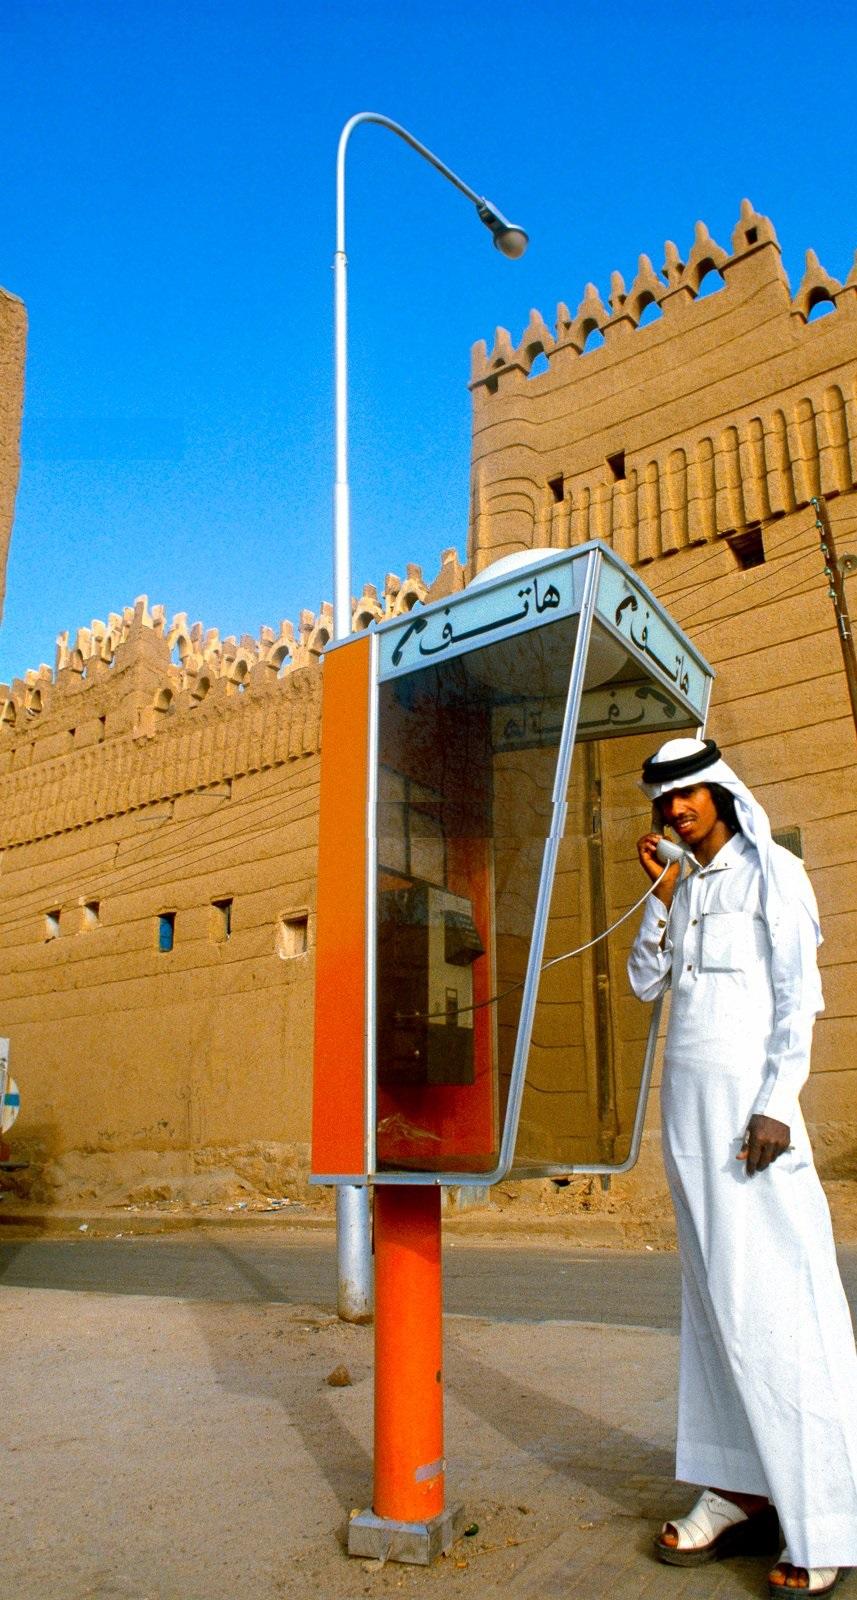 هاتف عملة في نجران بداية الثمانينات ميلادية